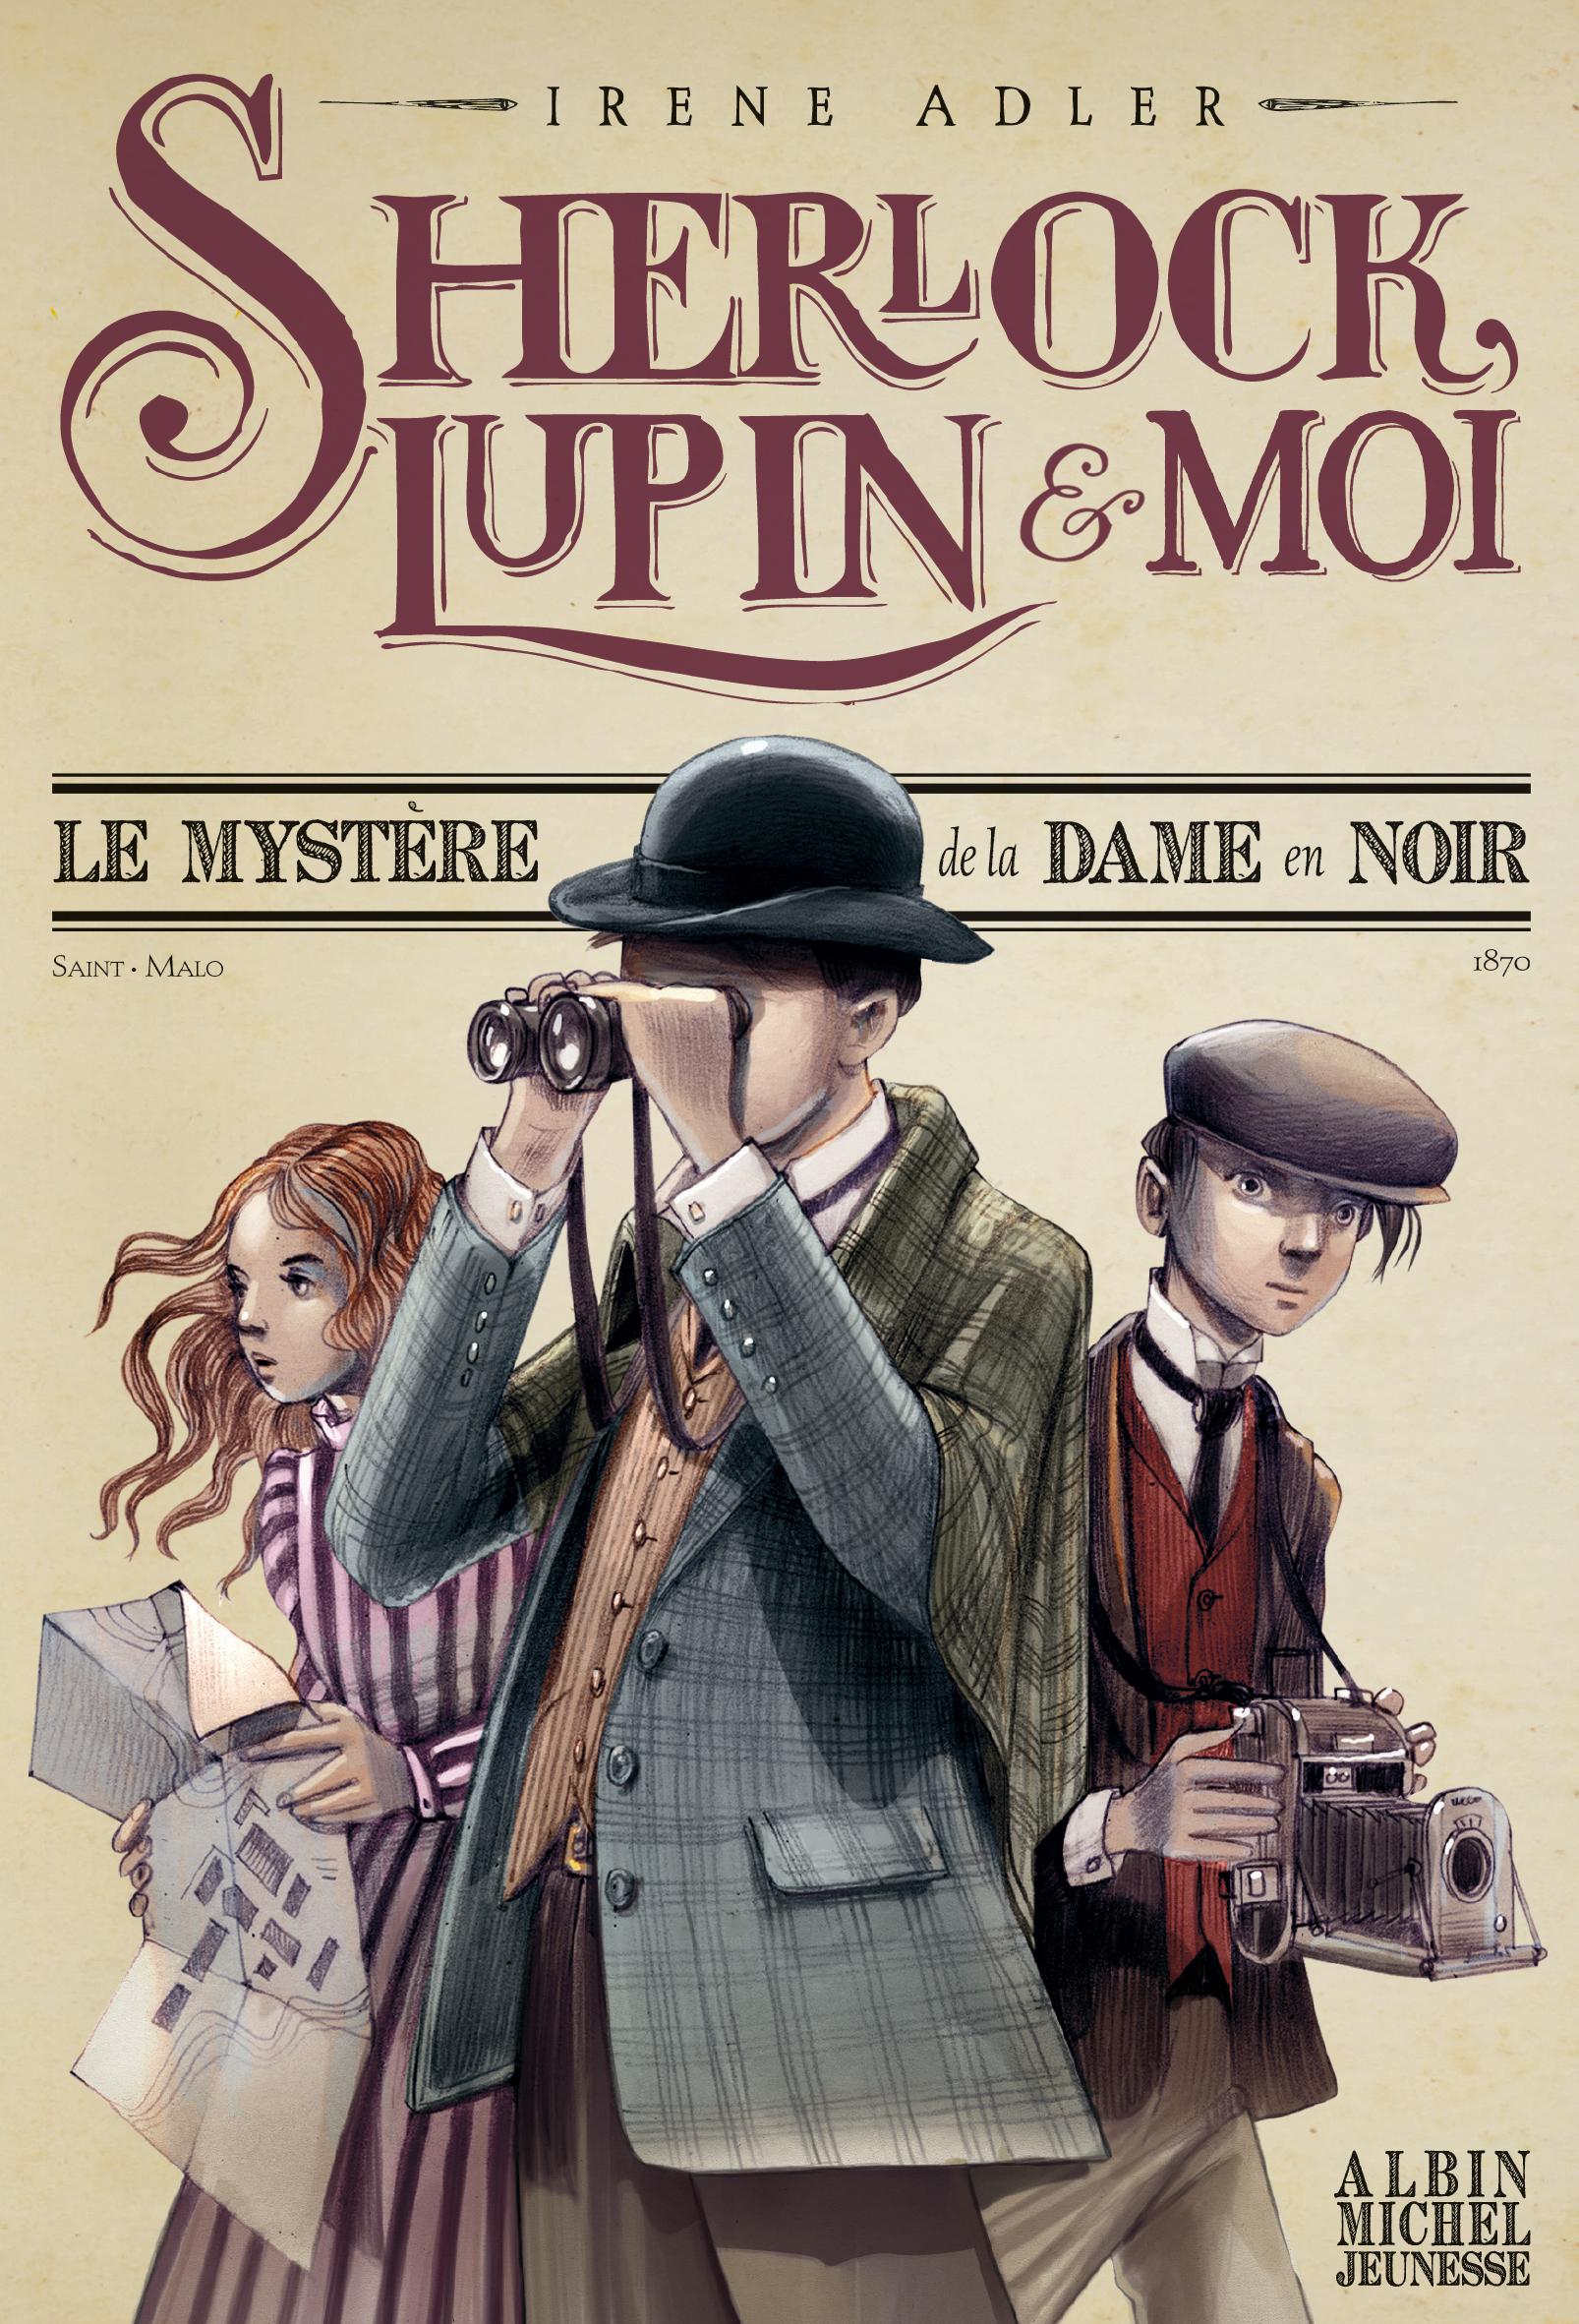 Le Myst¨re de la dame en noir roman policier de Bruno Iacopo